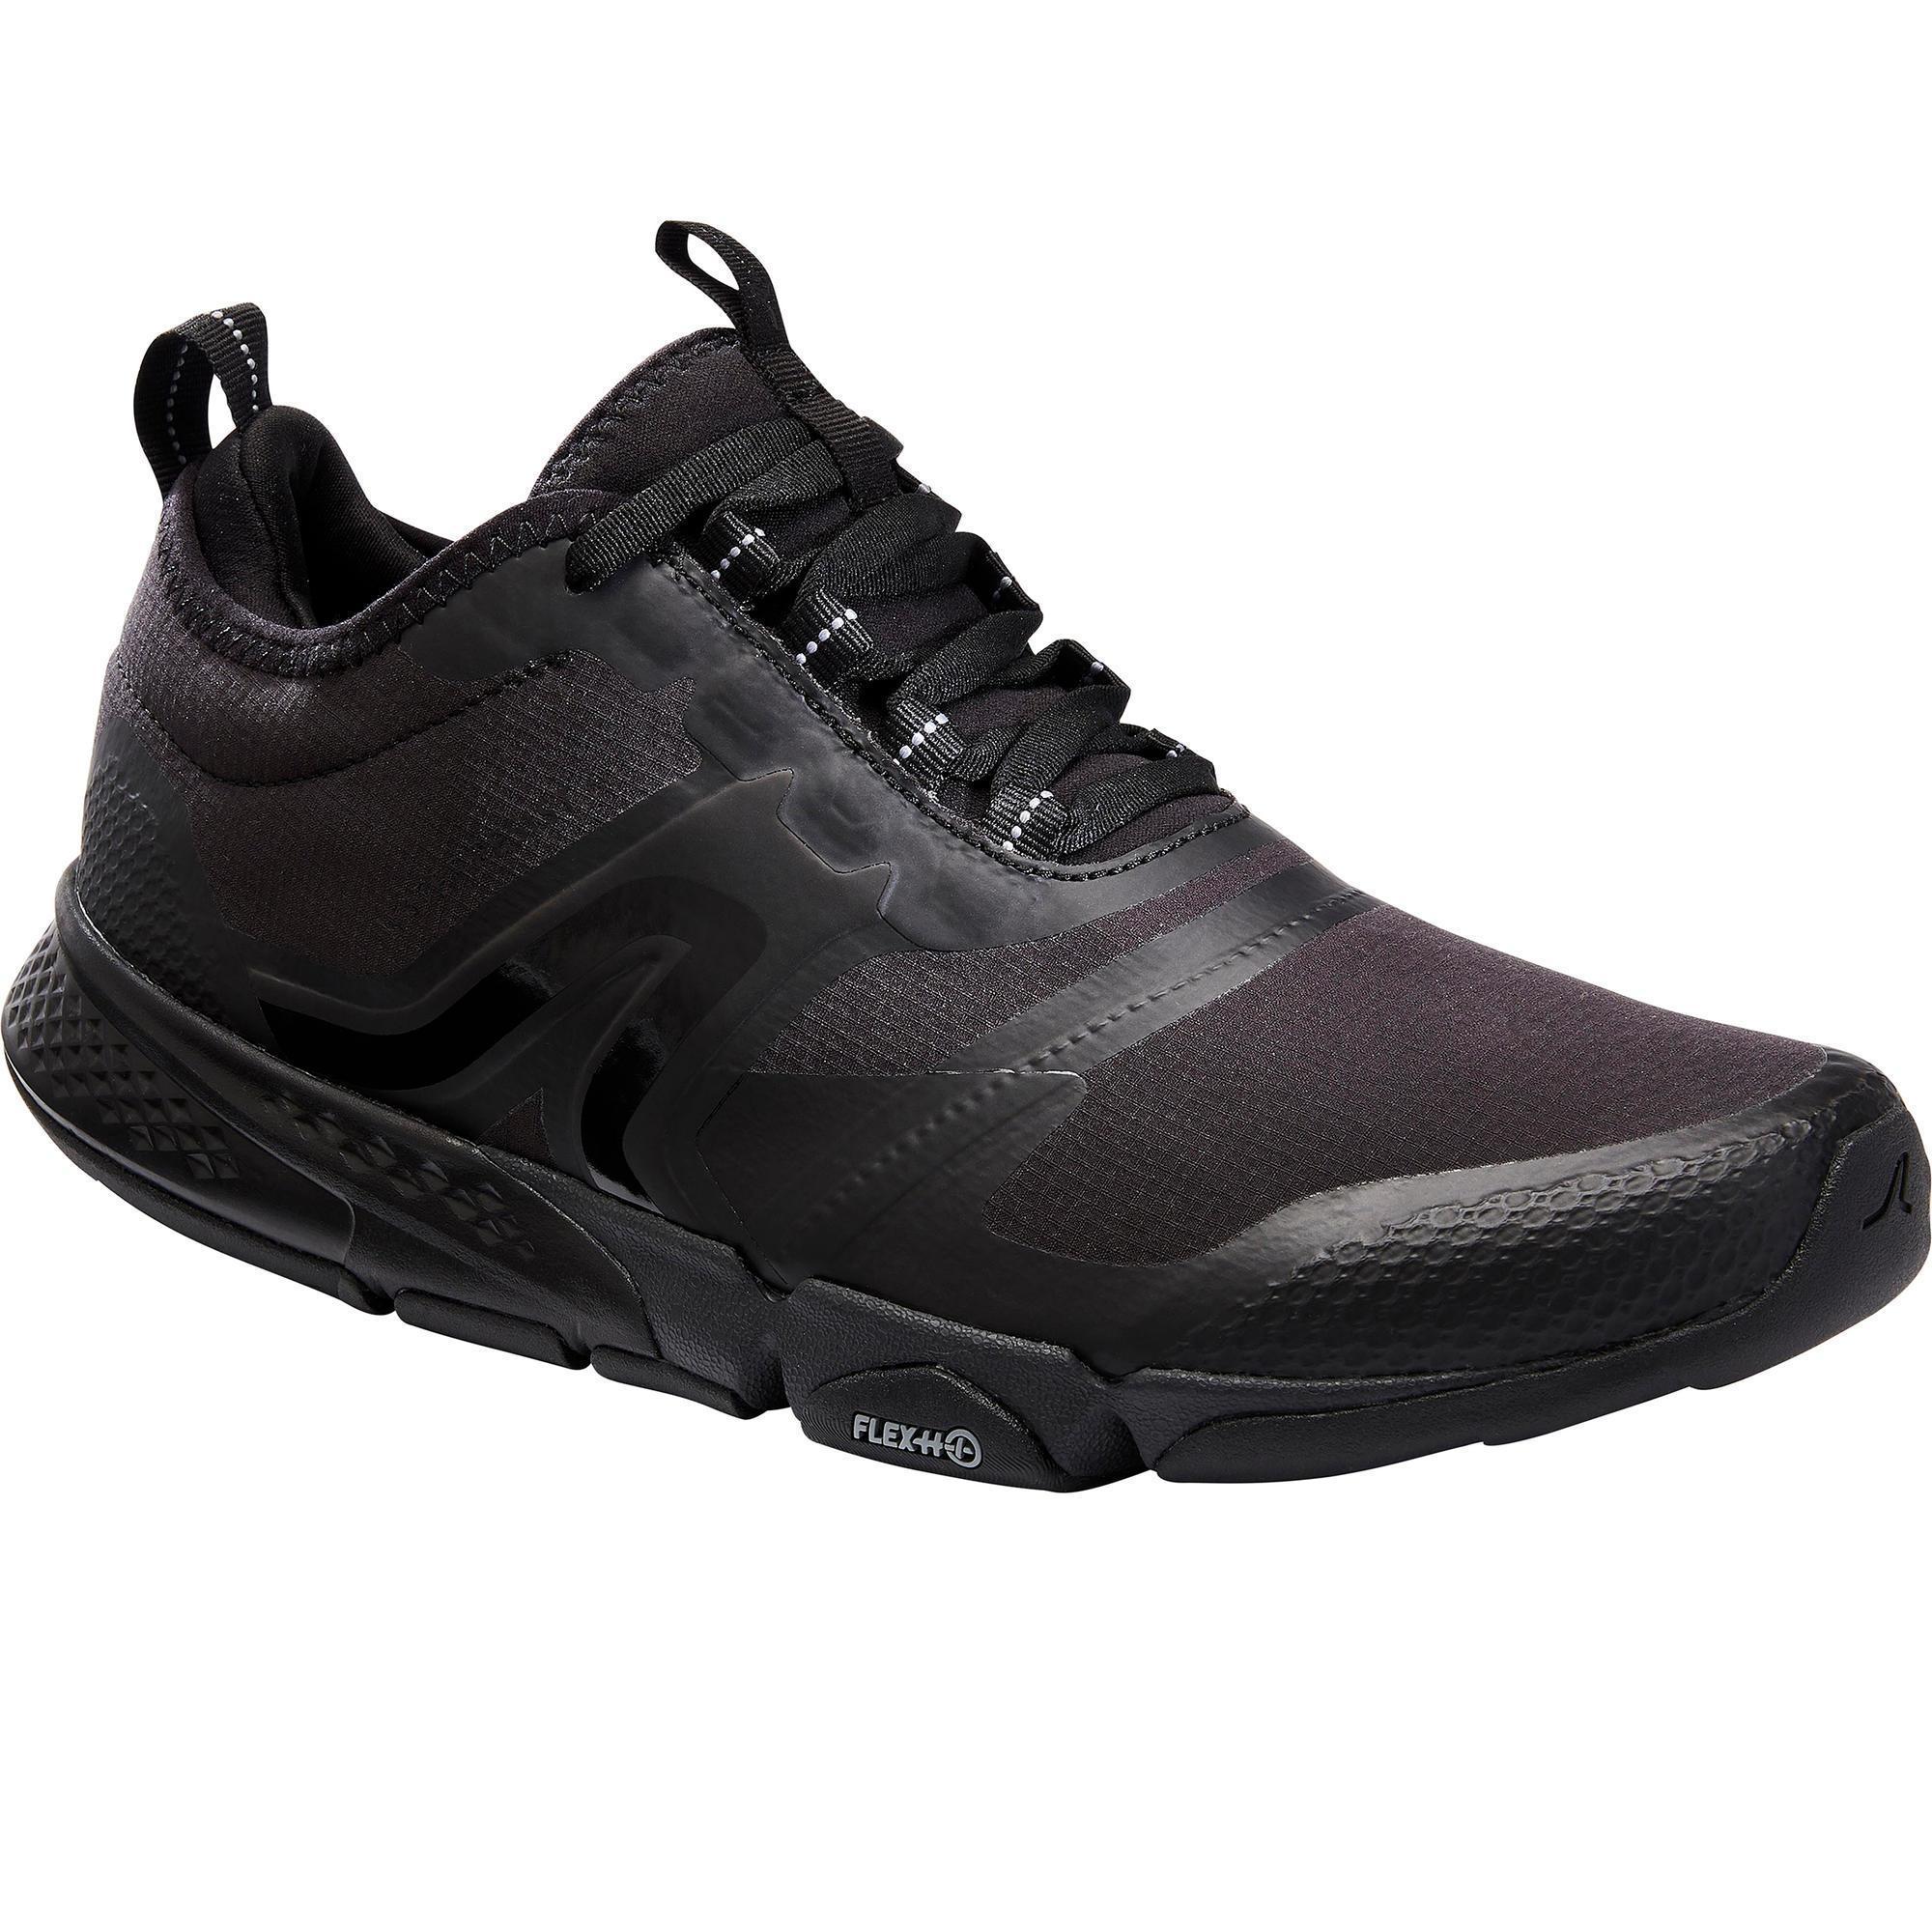 Newfeel Chaussures marche sportive homme PW 580 WaterResist noir - Newfeel